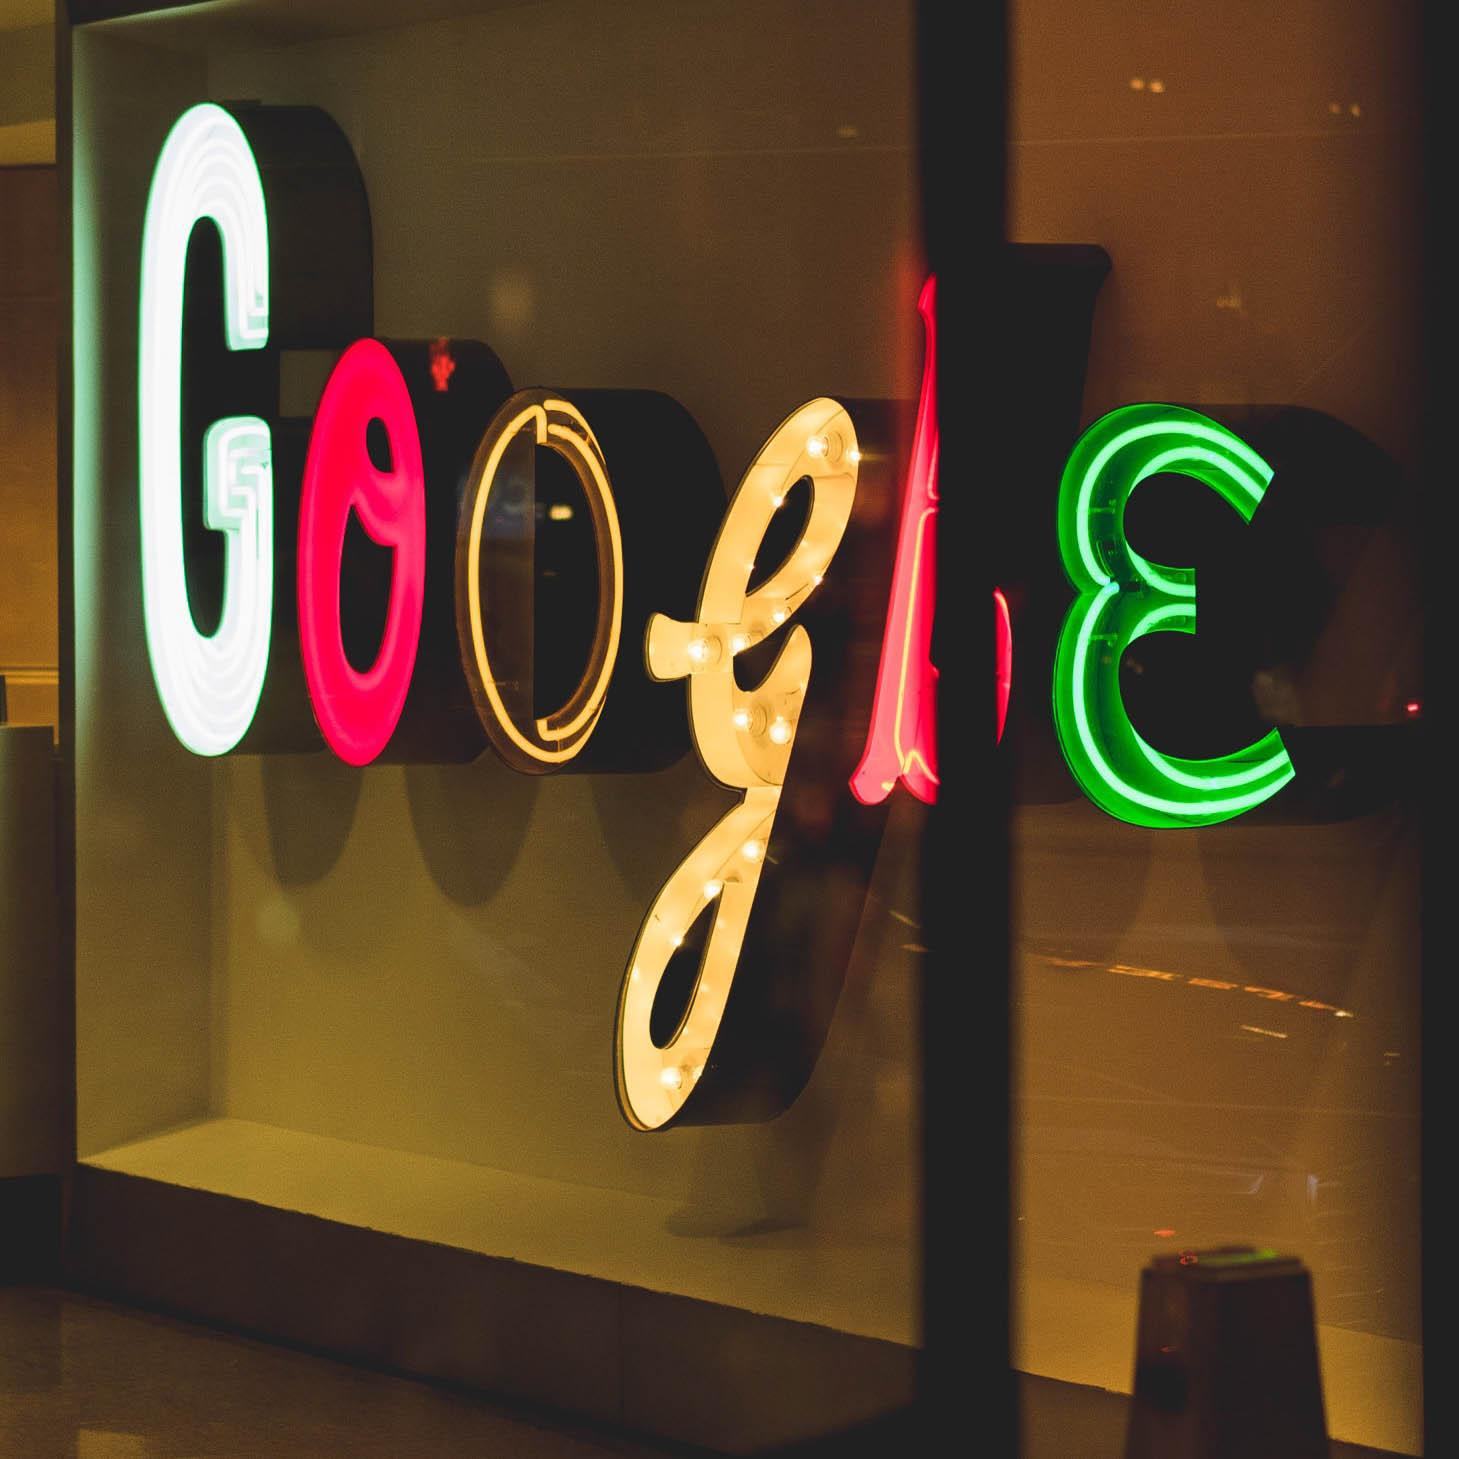 google-jahresrückblick 2017 Suchanfragen suelovesnyc_google_jahresrueckblick_google_jahresruckblick_google_suchbegriffe-2017